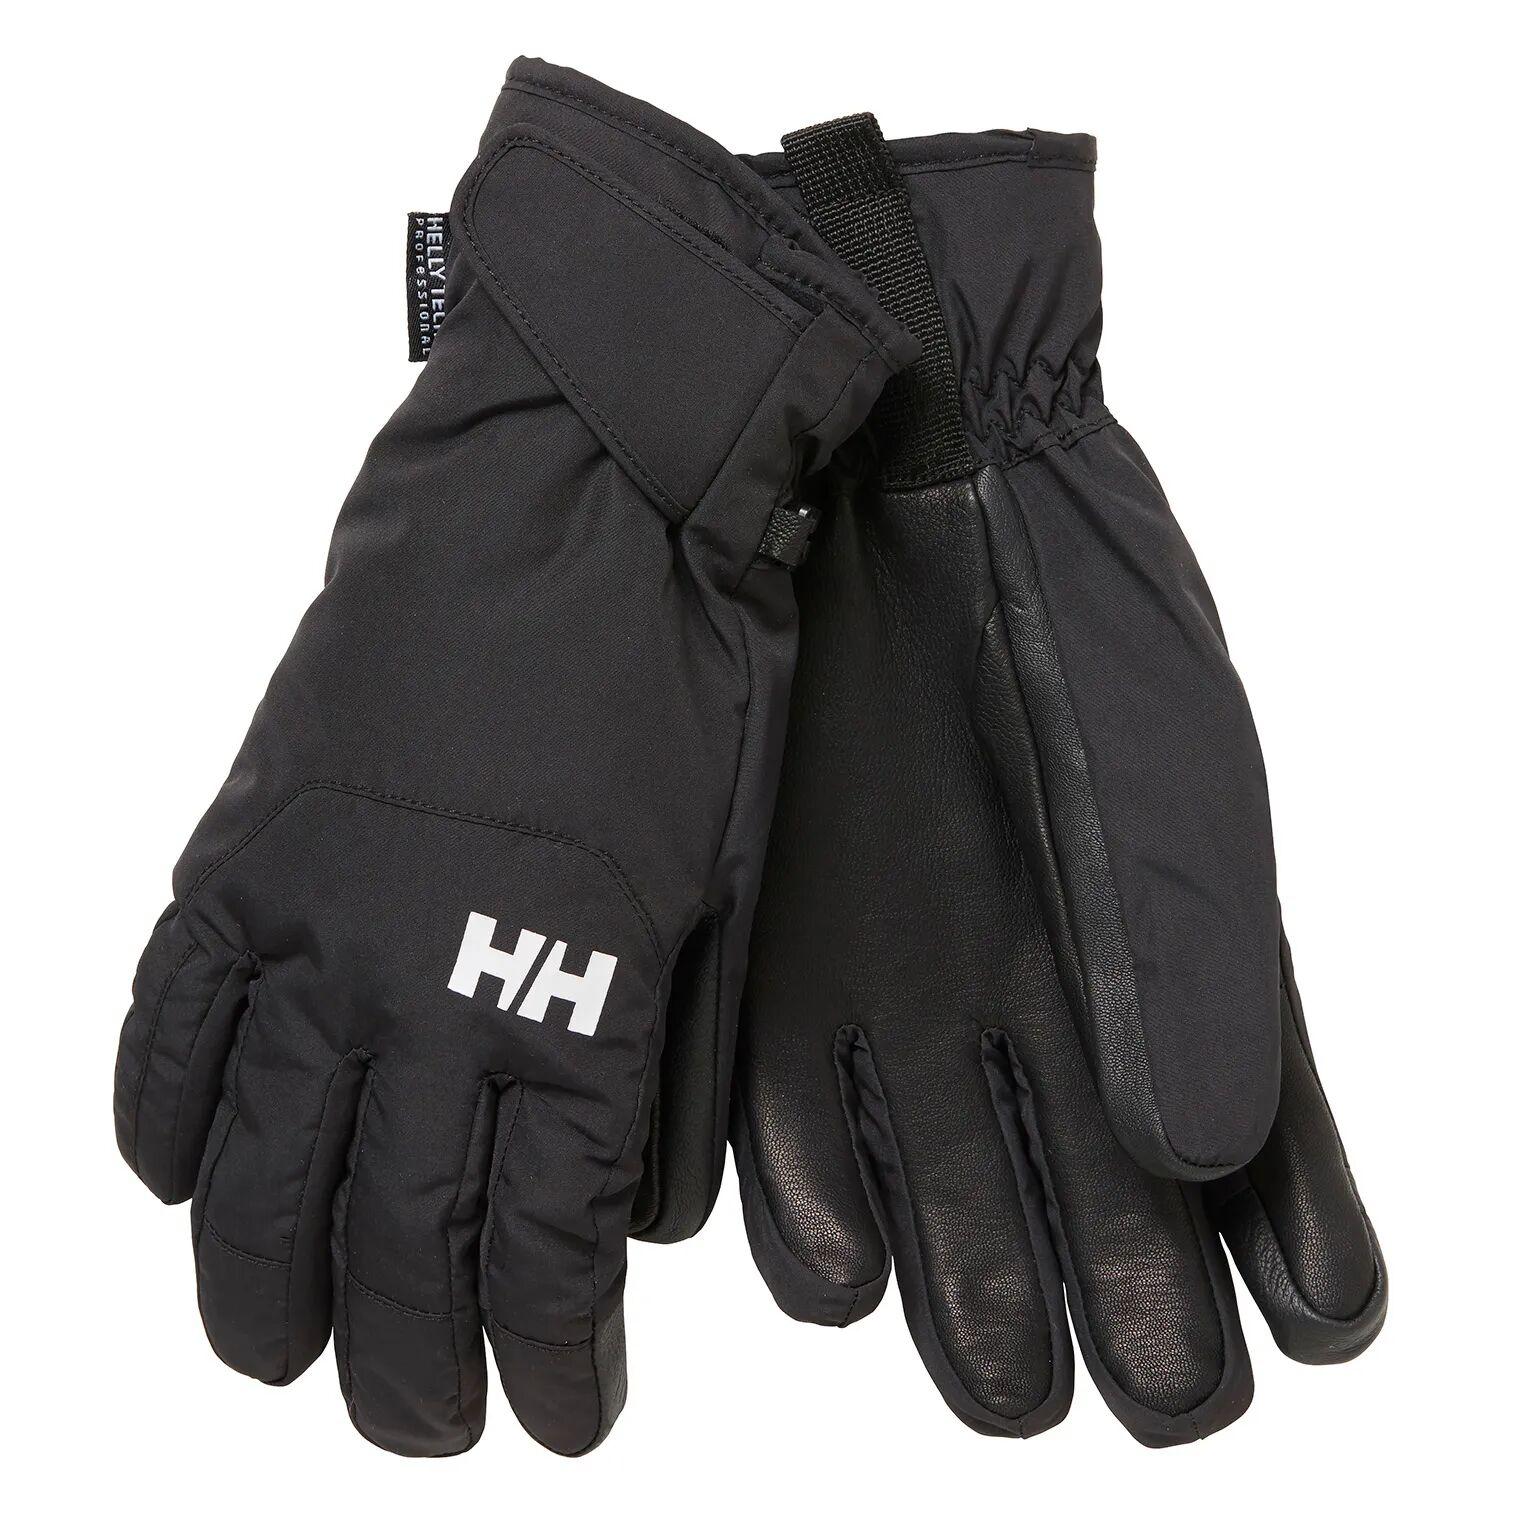 Helly Hansen Swift Ht Glove Mens Black XL